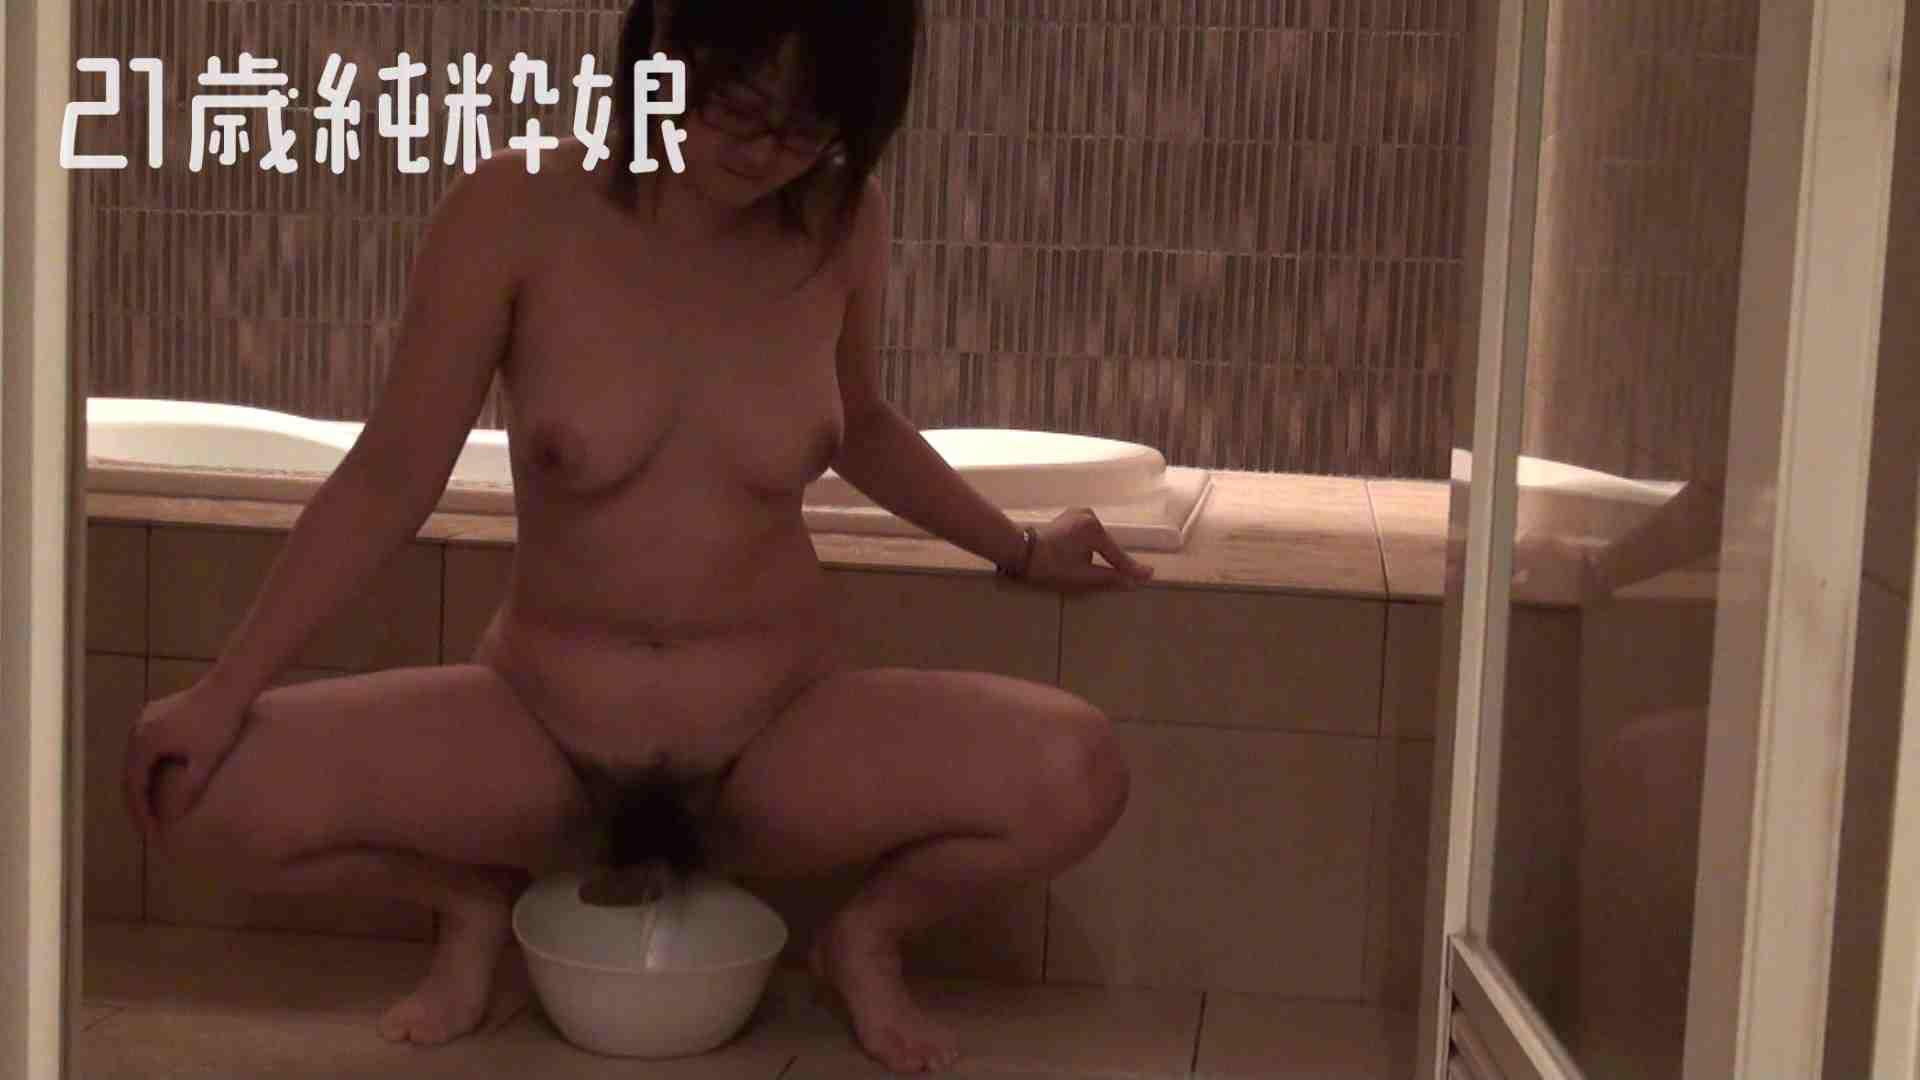 Gカップ21歳純粋嬢第2弾Vol.5 学校  108連発 3